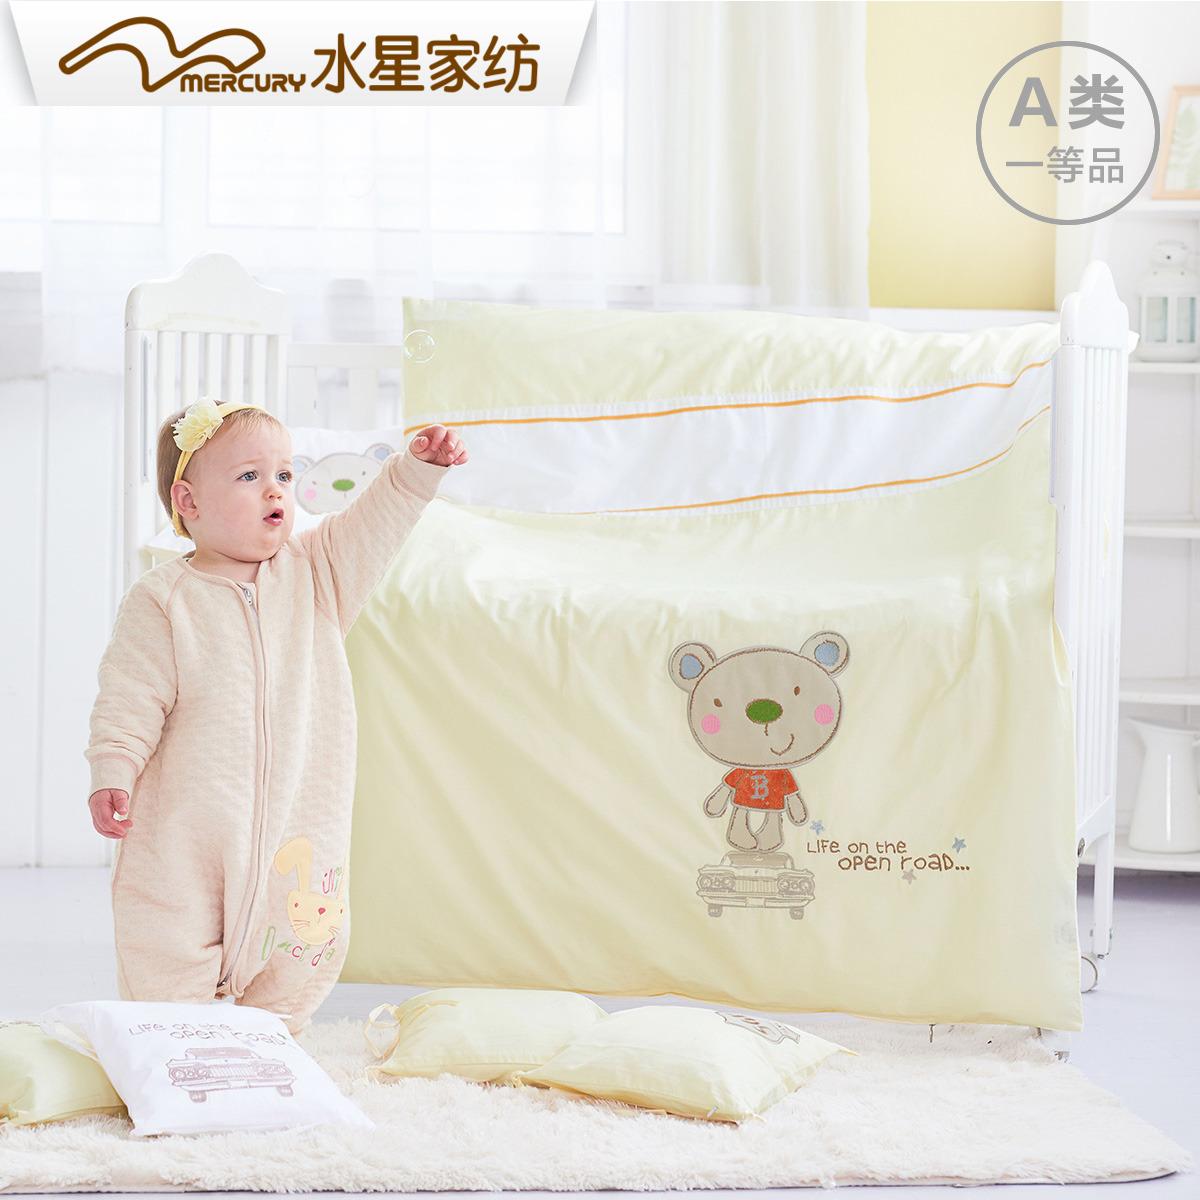 Вода звезда домой спин кровать для младенца использование статья 24 наборы новорожденных хлопок BABY хохотать прибыль муедведь моллюск кровать группа